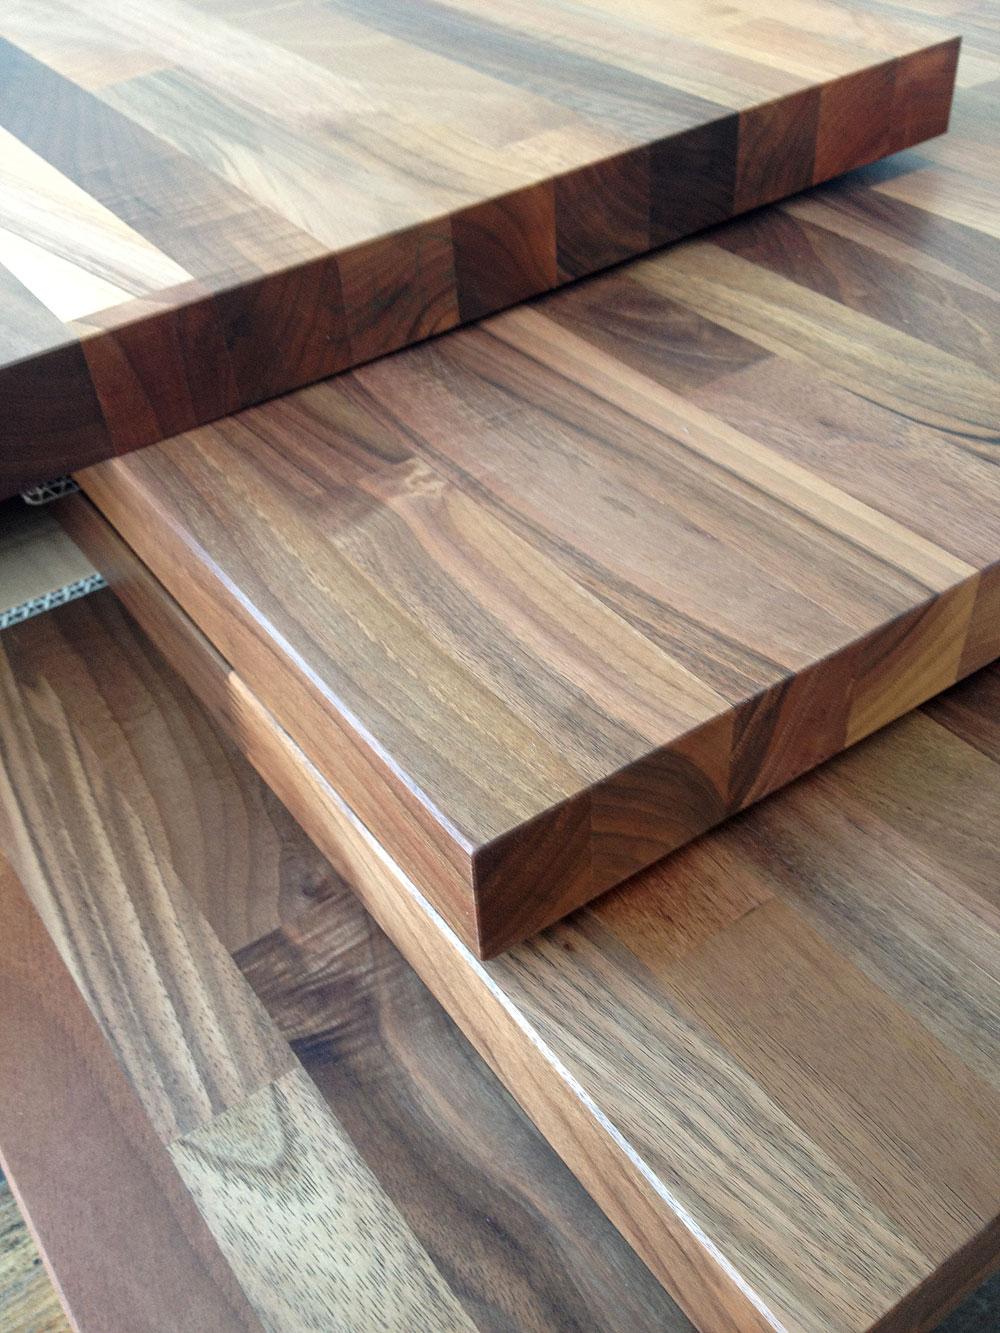 Tischplatte Massivholz Nussbaum ~ Tischplatte Massivholz Europäischer Nussbaum kgz FSC® 40 x diverse